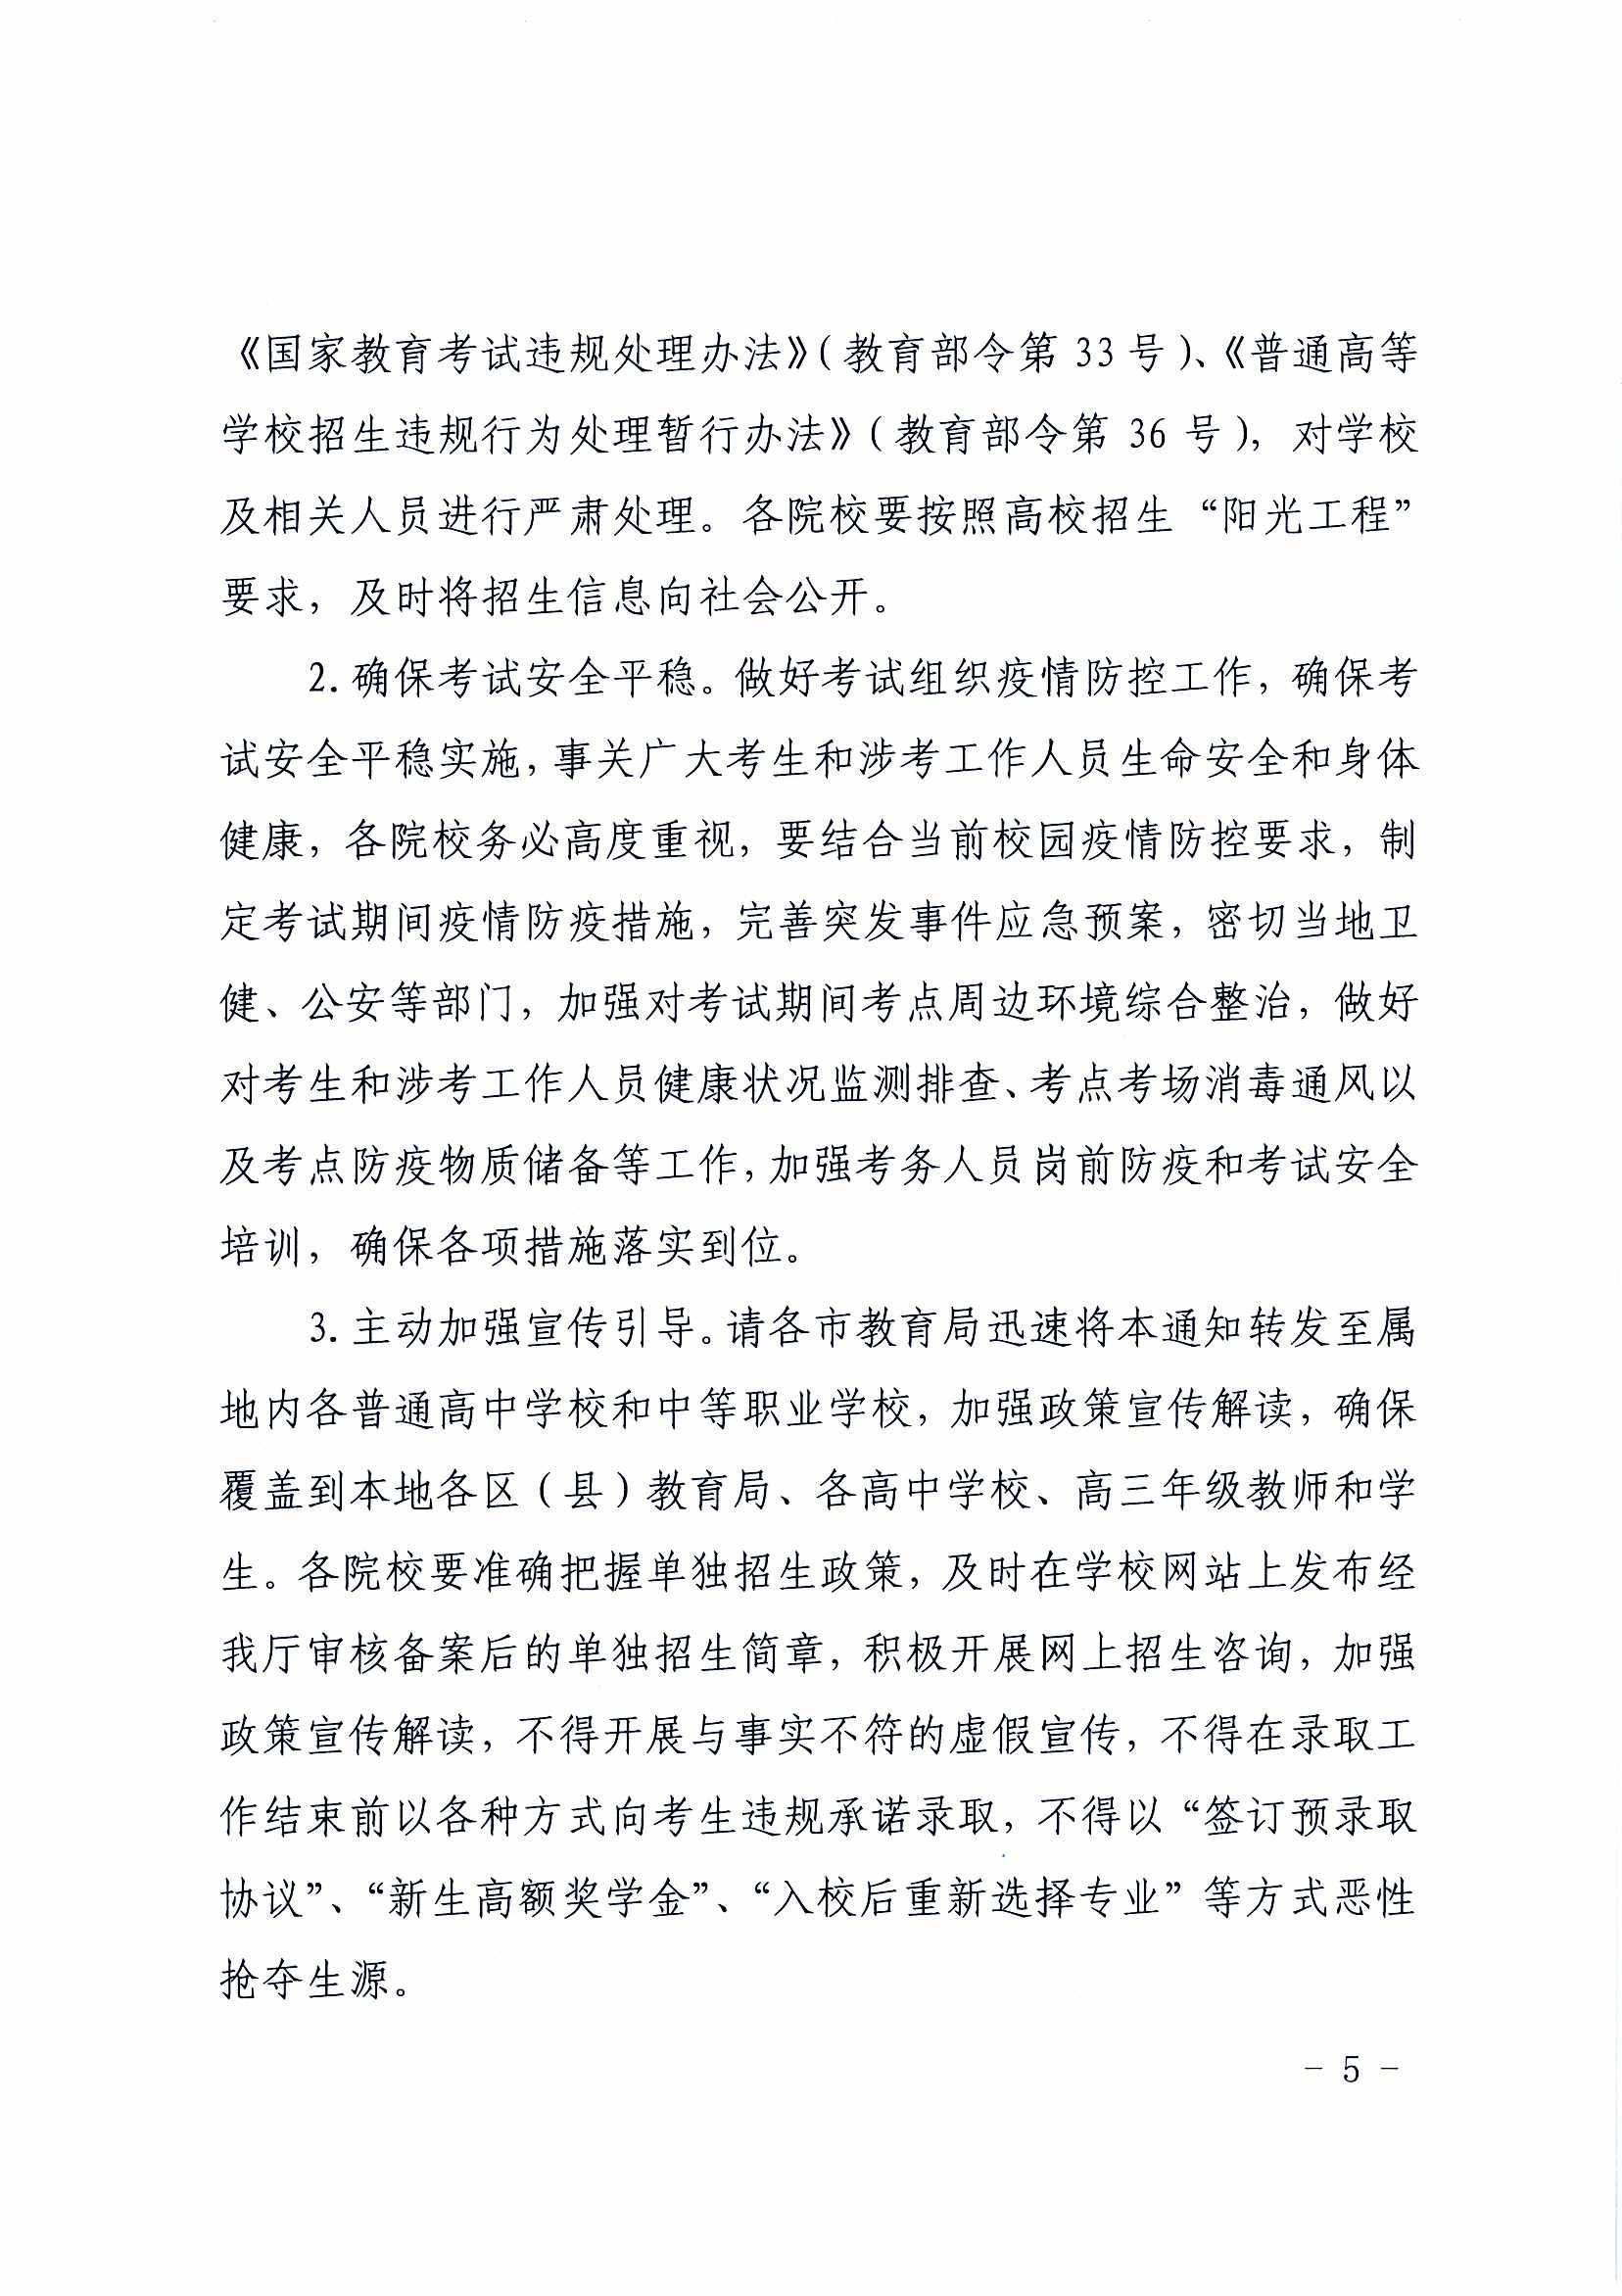 辽宁省教育厅关于开展2020年高等职业院校单独考试招生工作的......_页面_5